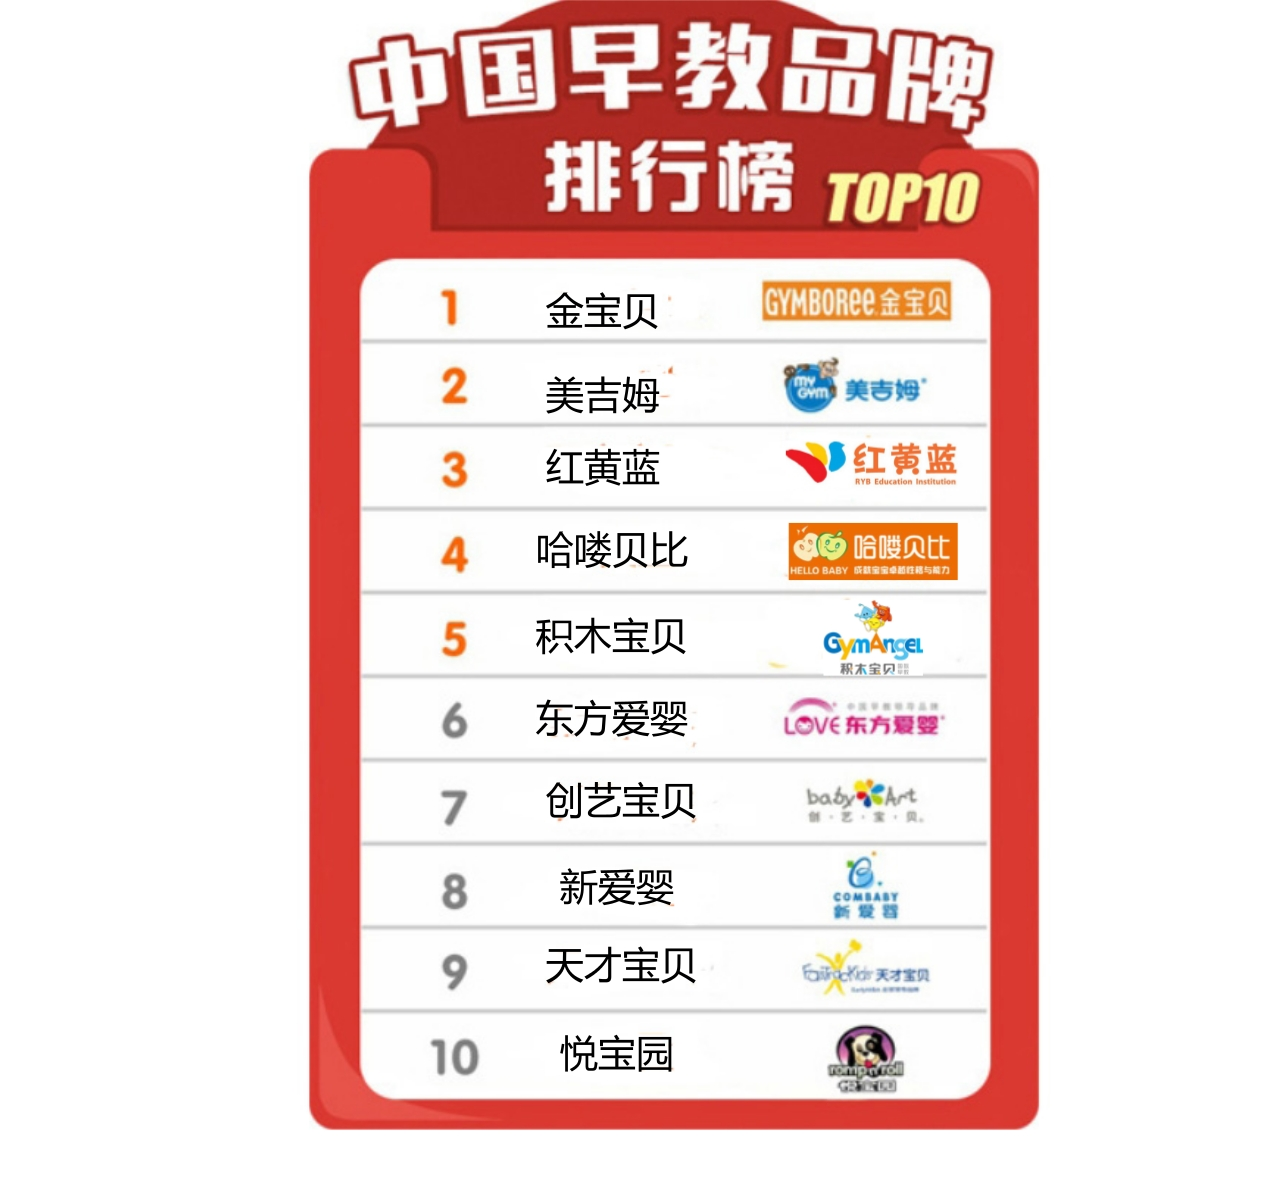 中国早教加盟品牌排行榜